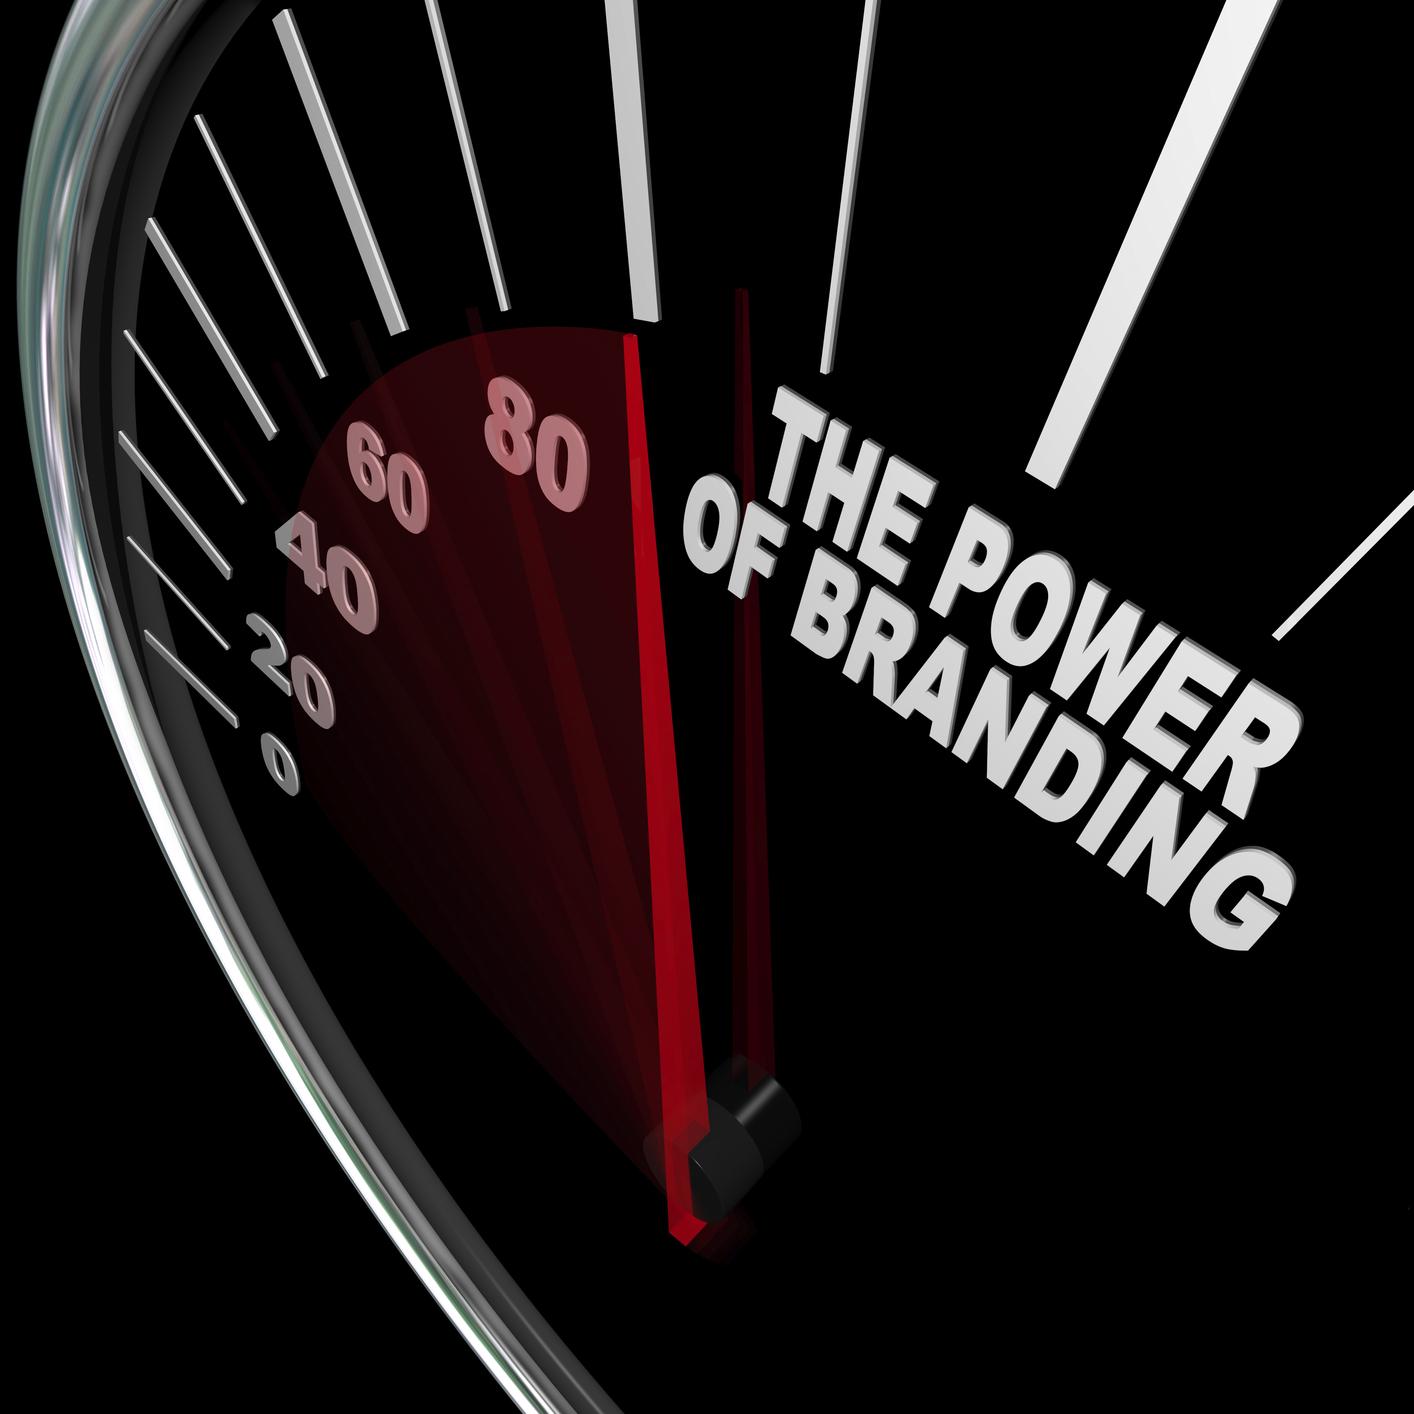 Il potere del Brand e il suo significato - Webhouse